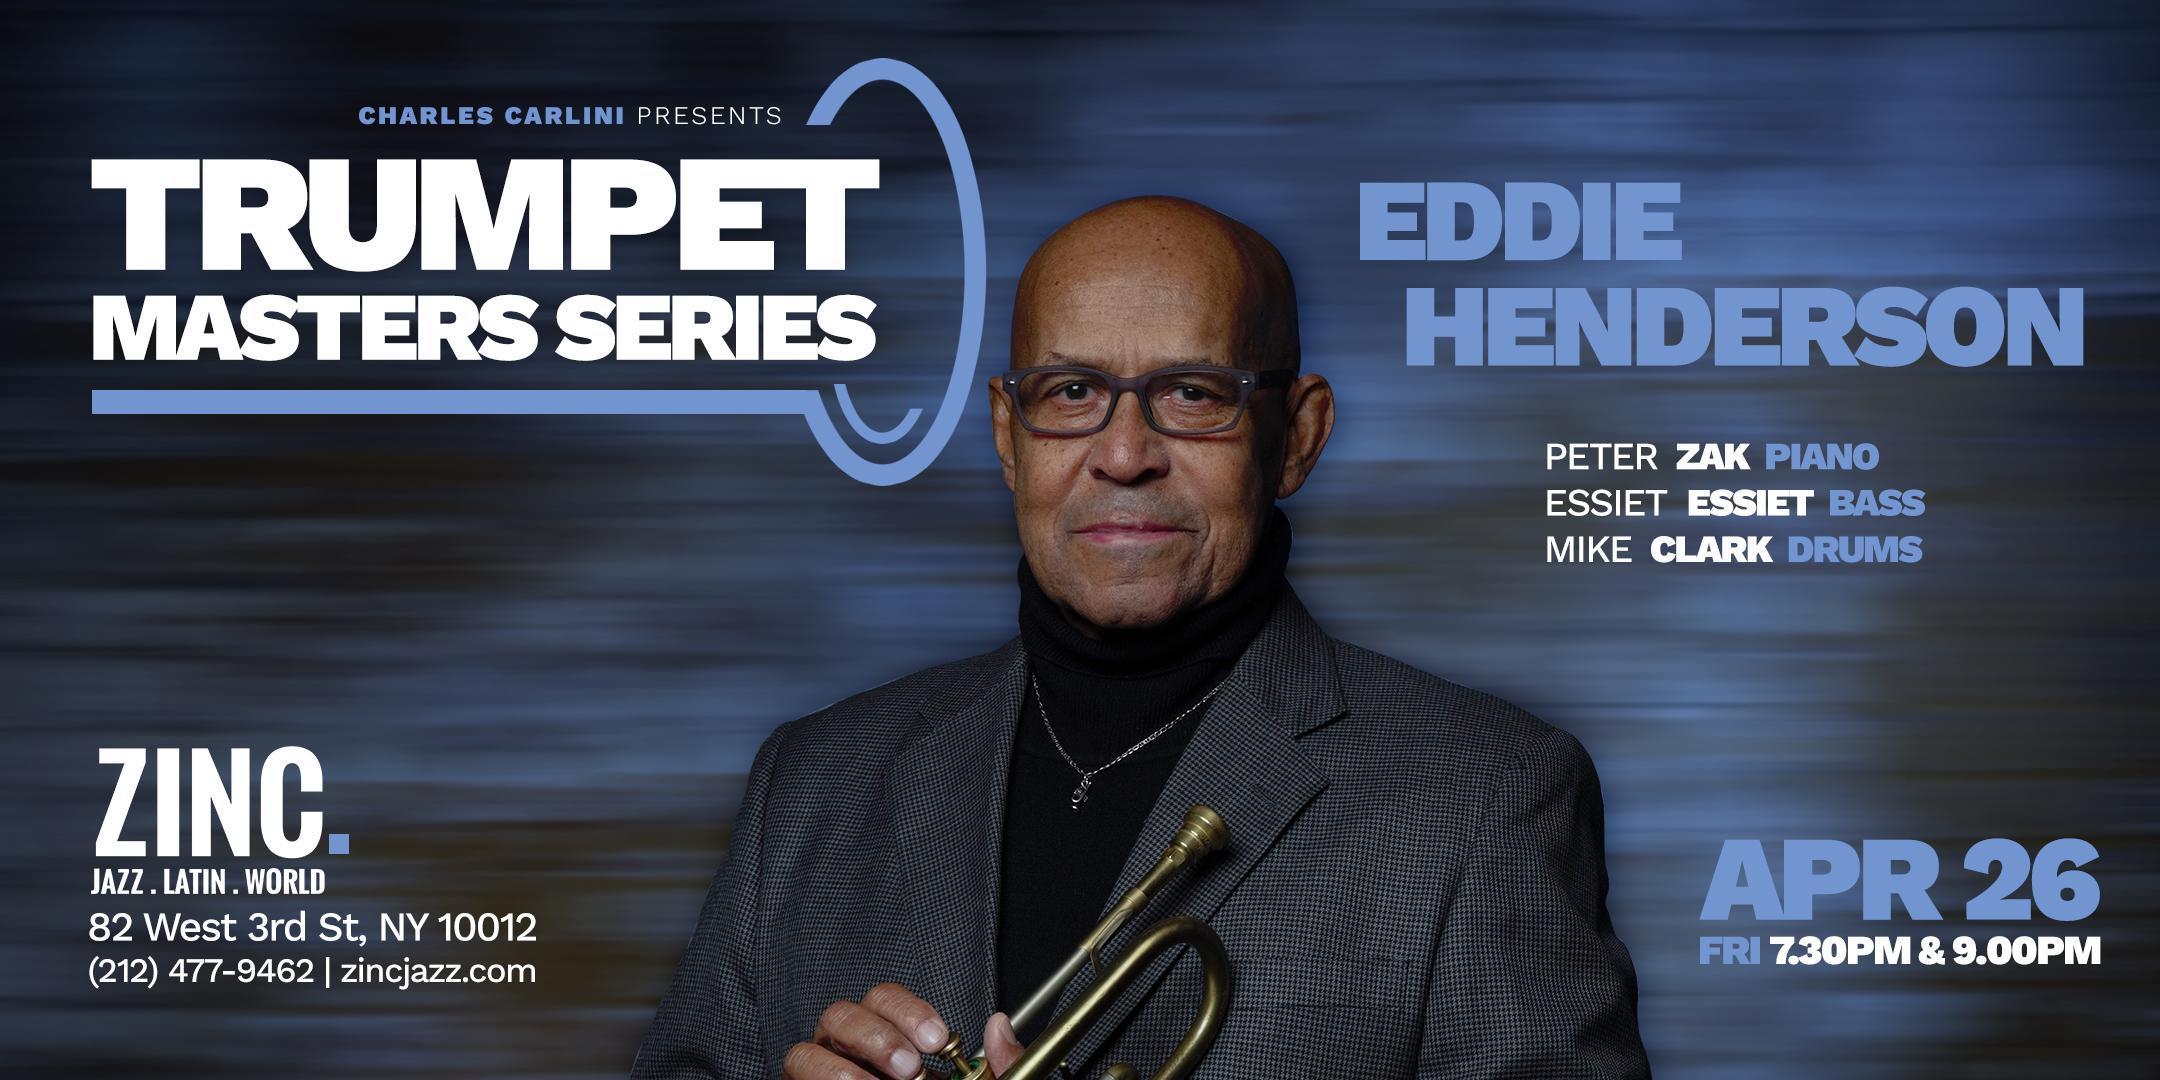 Trumpet Masters Series: Eddie Henderson Quartet